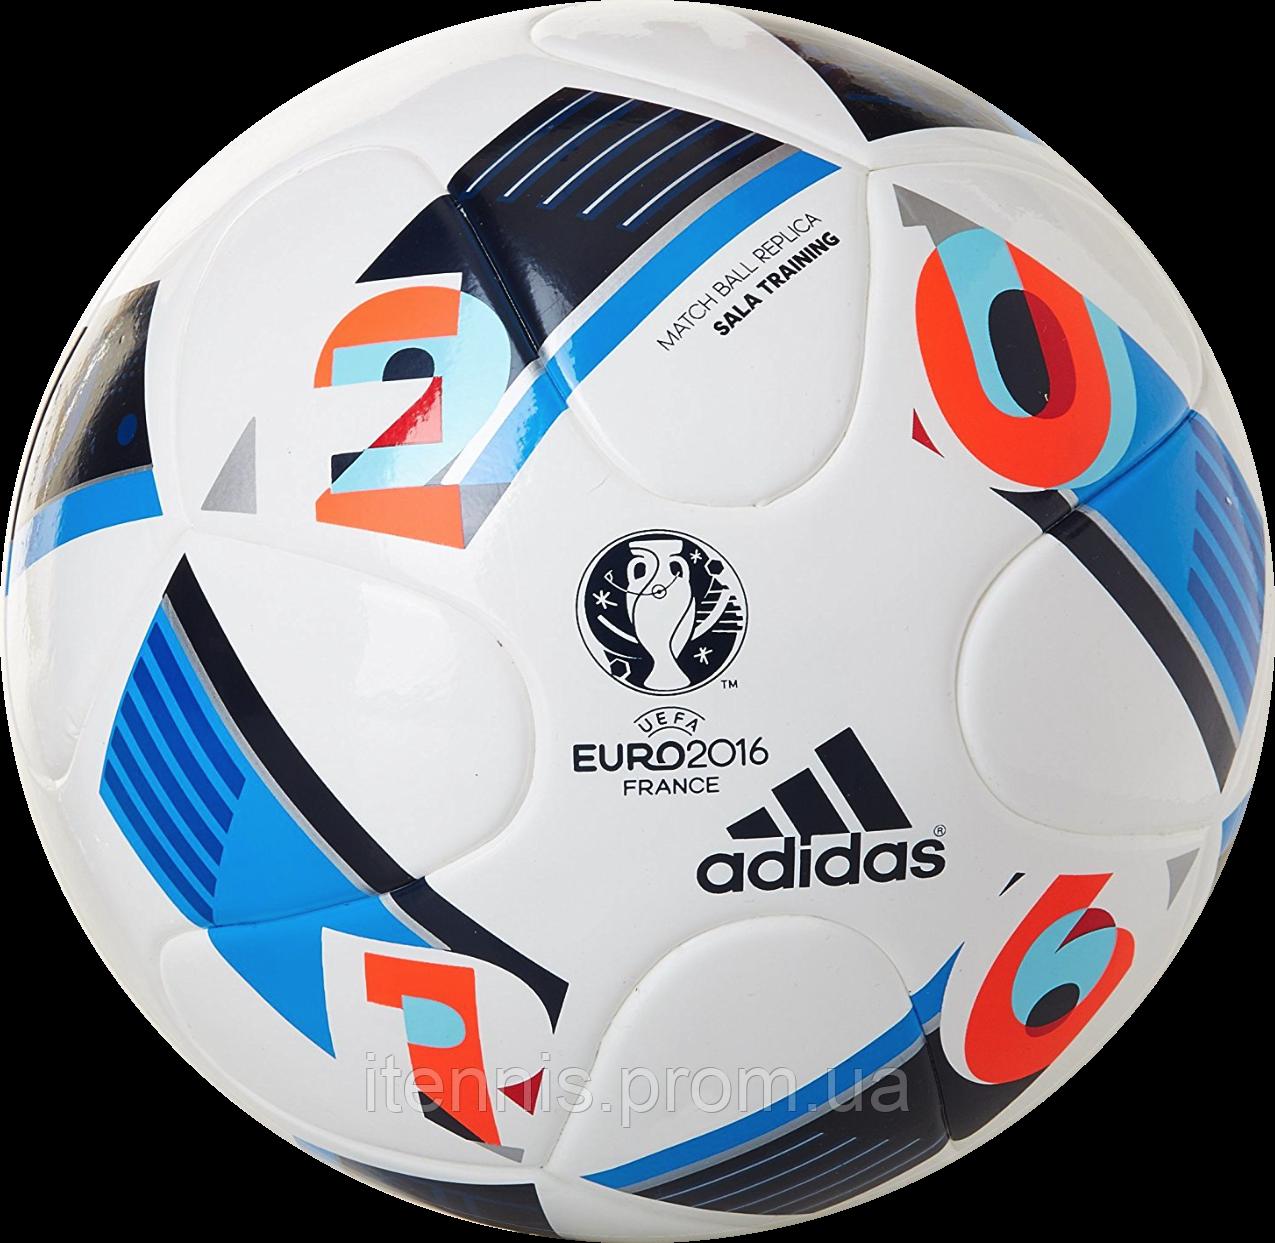 Футзальный мяч Adidas Krasava Sala Training - купить по лучшей цене ... 0feda3b3c47e3